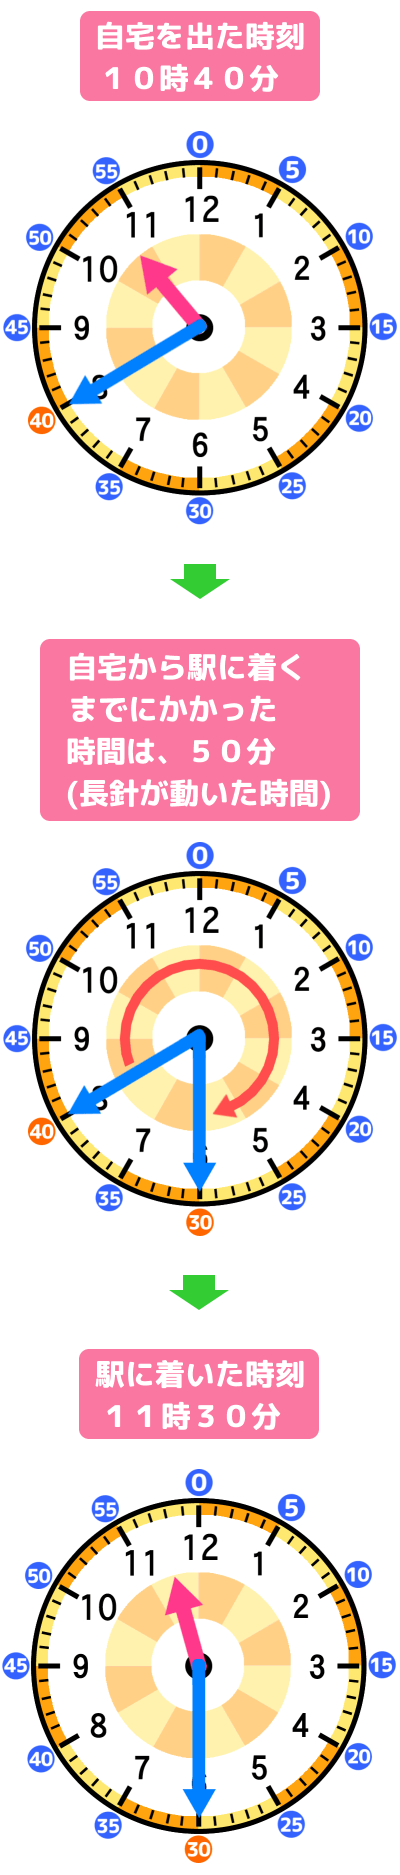 自宅から駅に着くまでにかかった時間(長針が動いた時間)を解説するアナログ時計の図